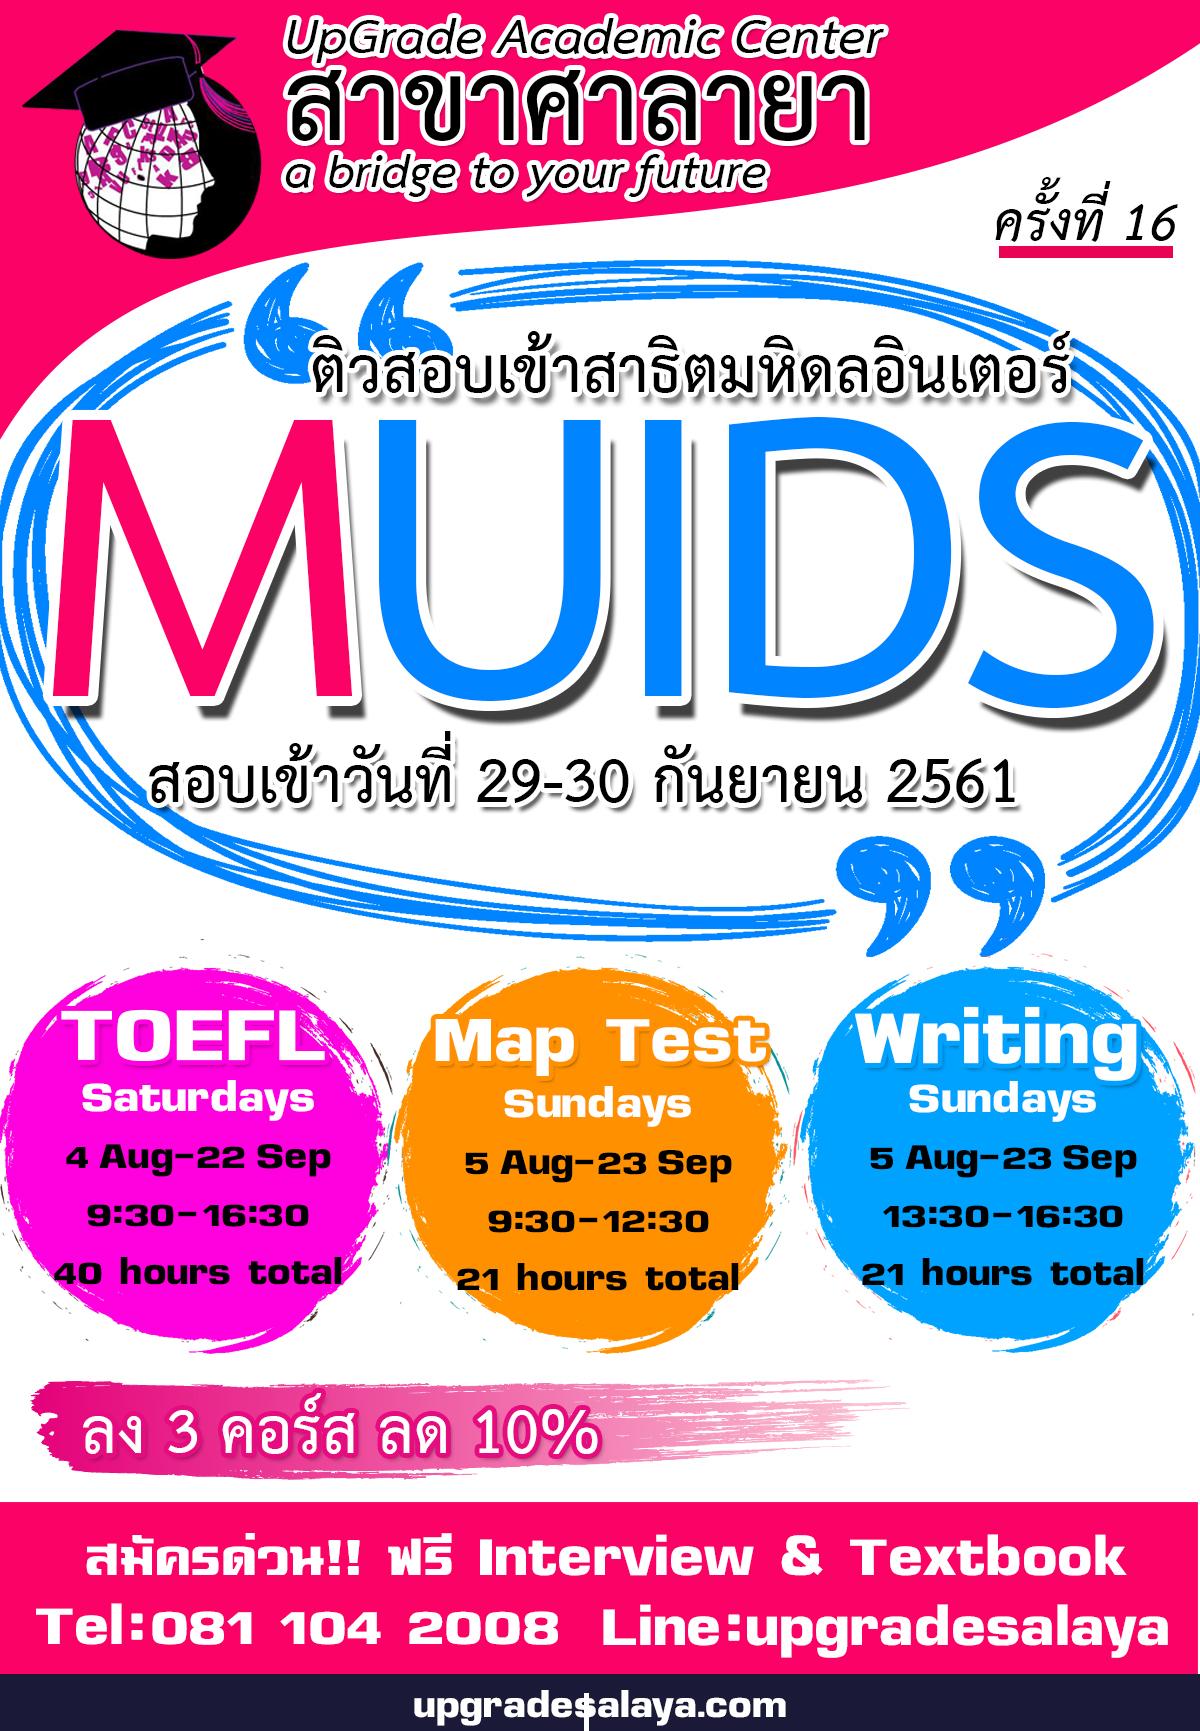 MUIDS 09_18